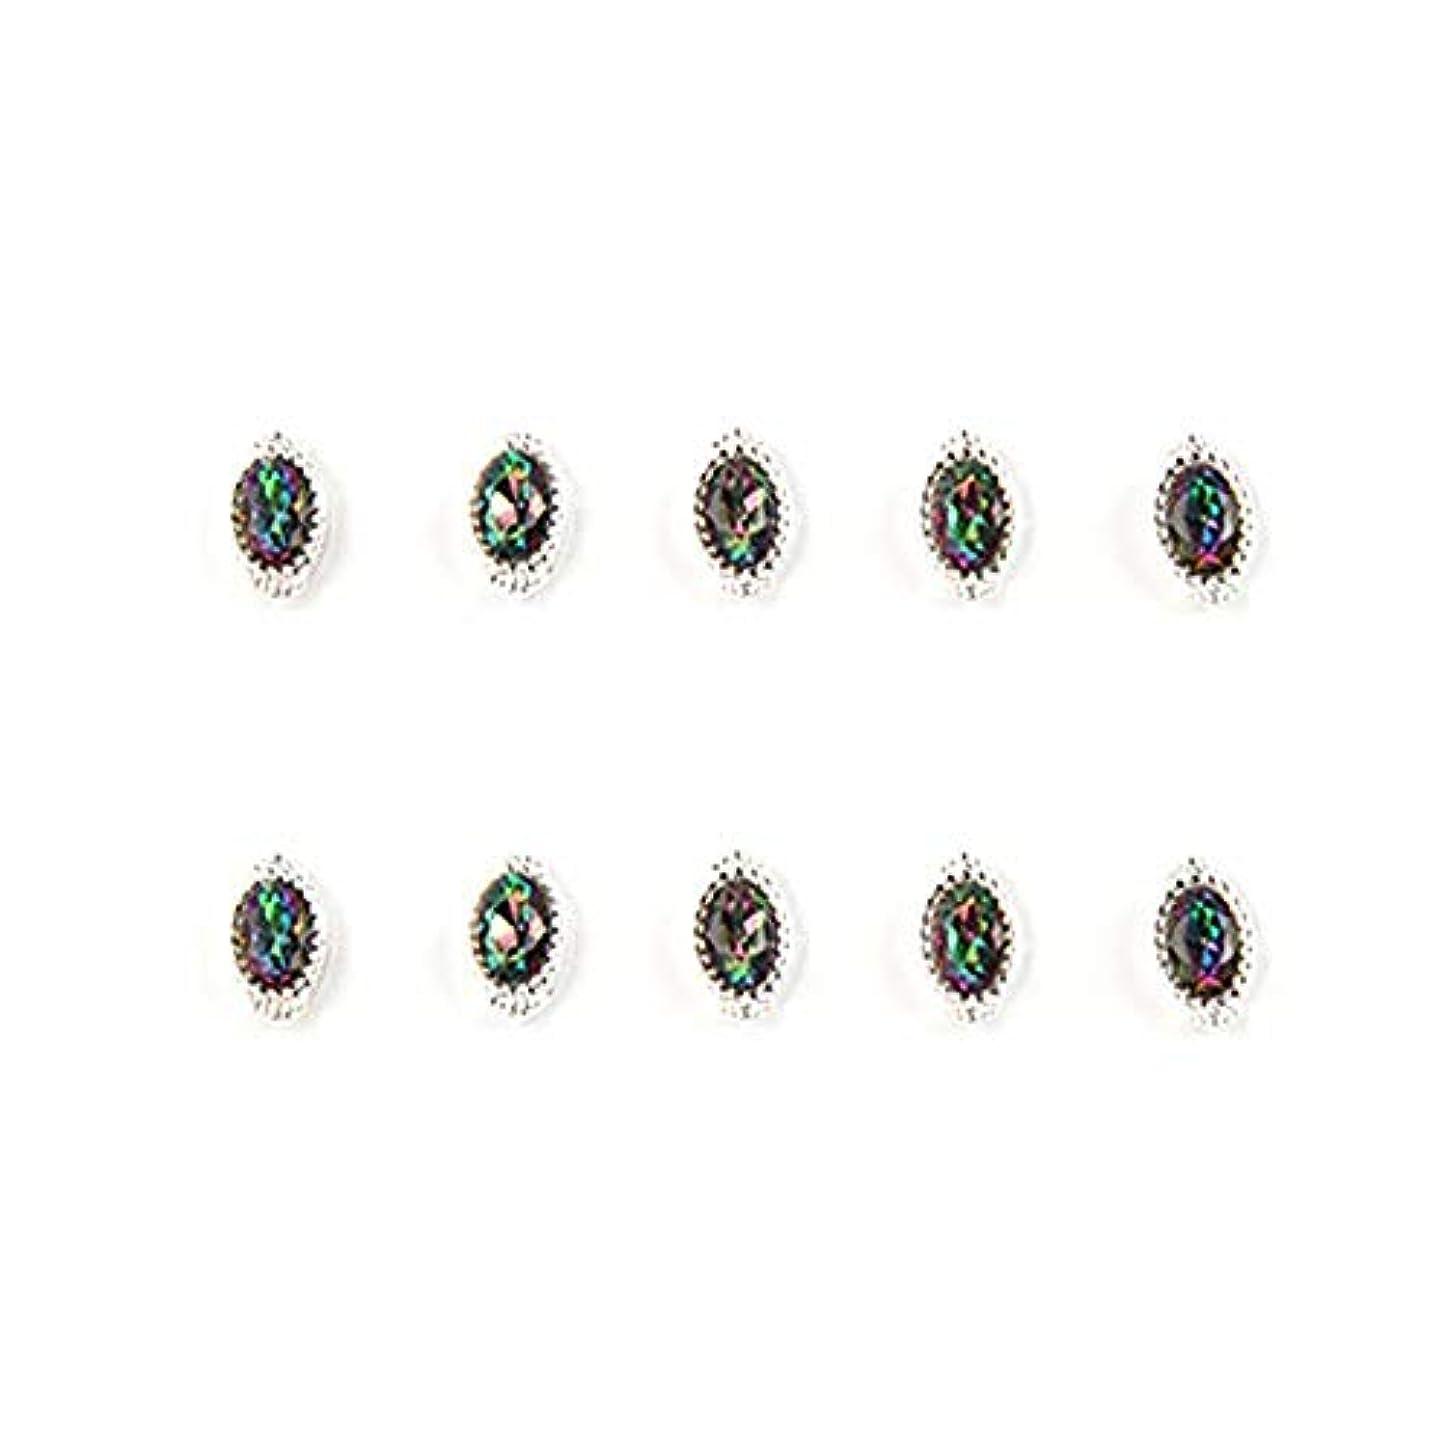 奴隷理容師インタフェース10個入り/ロットシルバーアロイネイルアートストーン美容ネイルアートの装飾ジュエリーカラフルなデザイン洗練ジュエリー